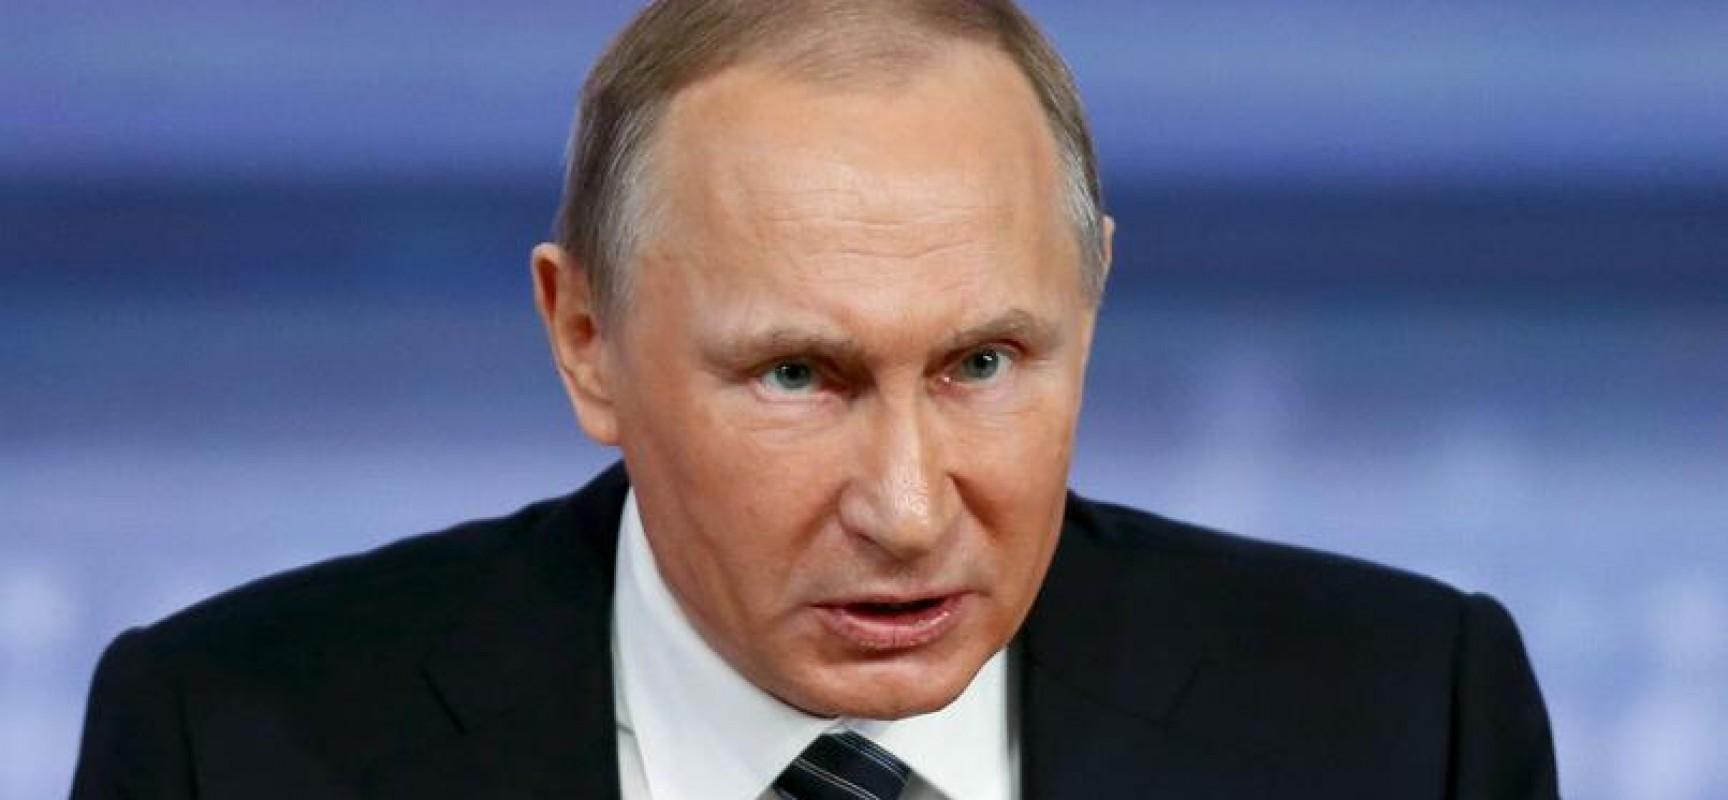 LE FIGARO: Rapport sur le meurtre de Litvinenko: le Kremlin dénonce une «blague»